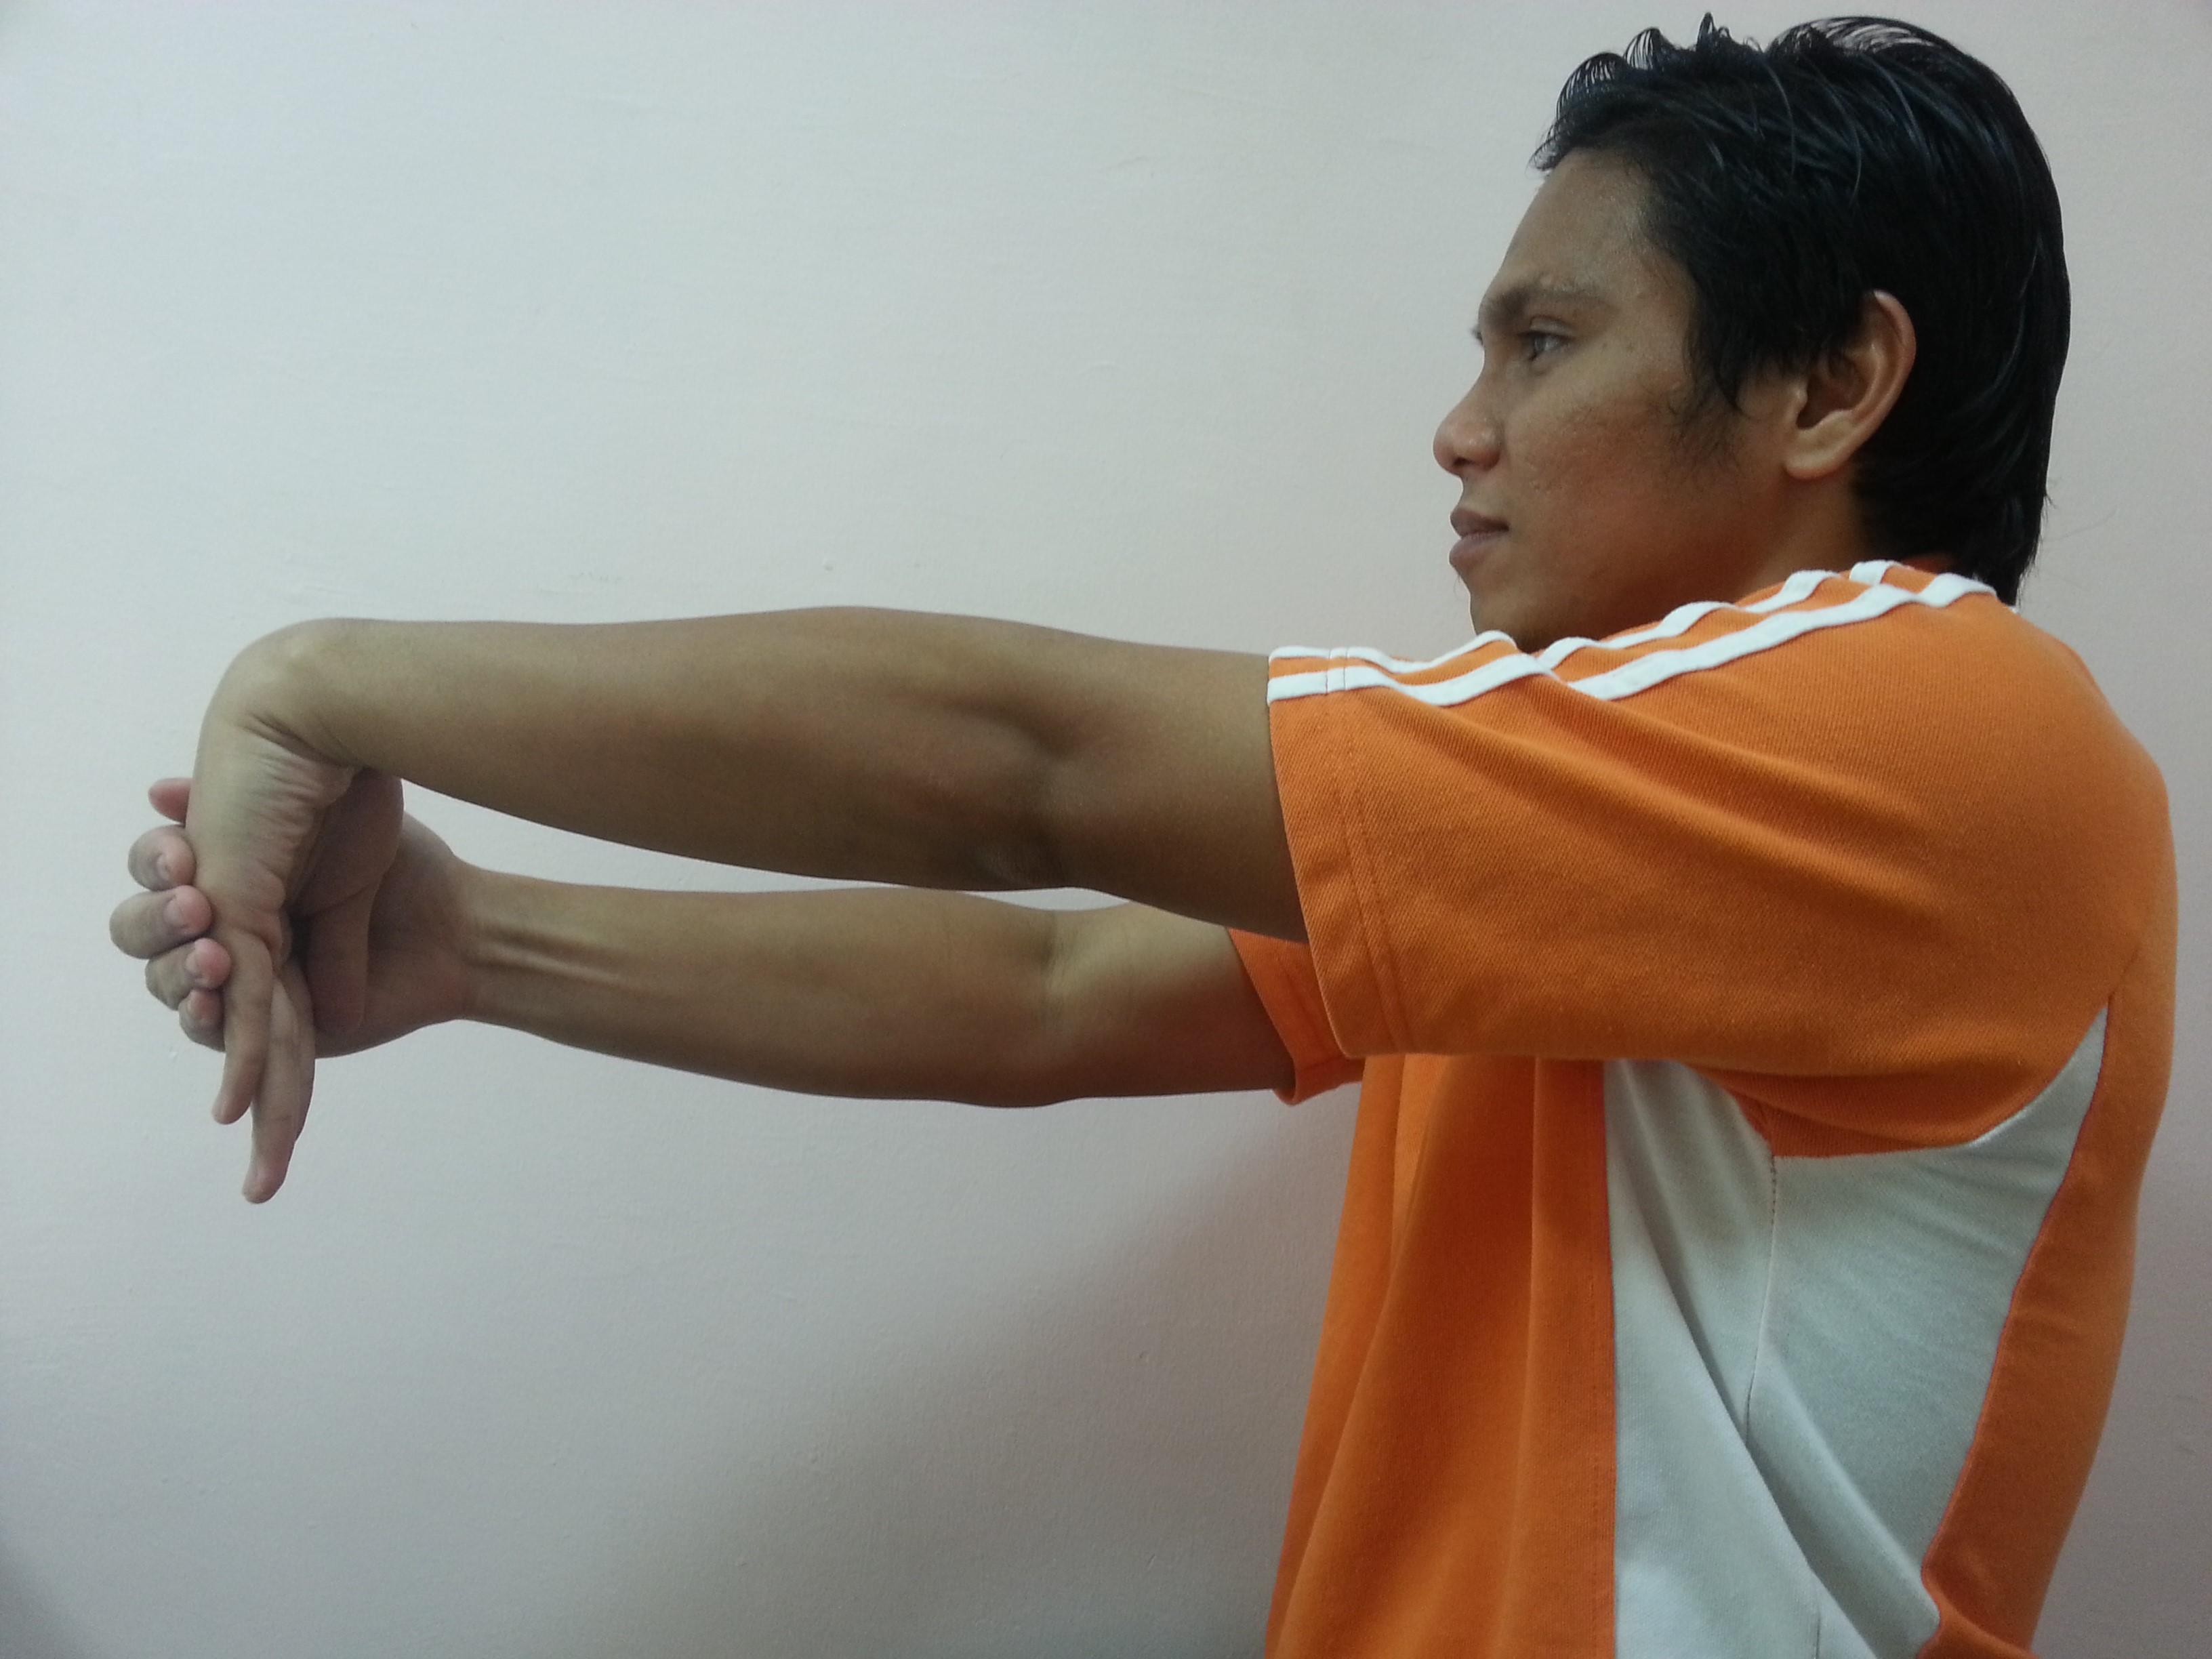 wrist bend downward